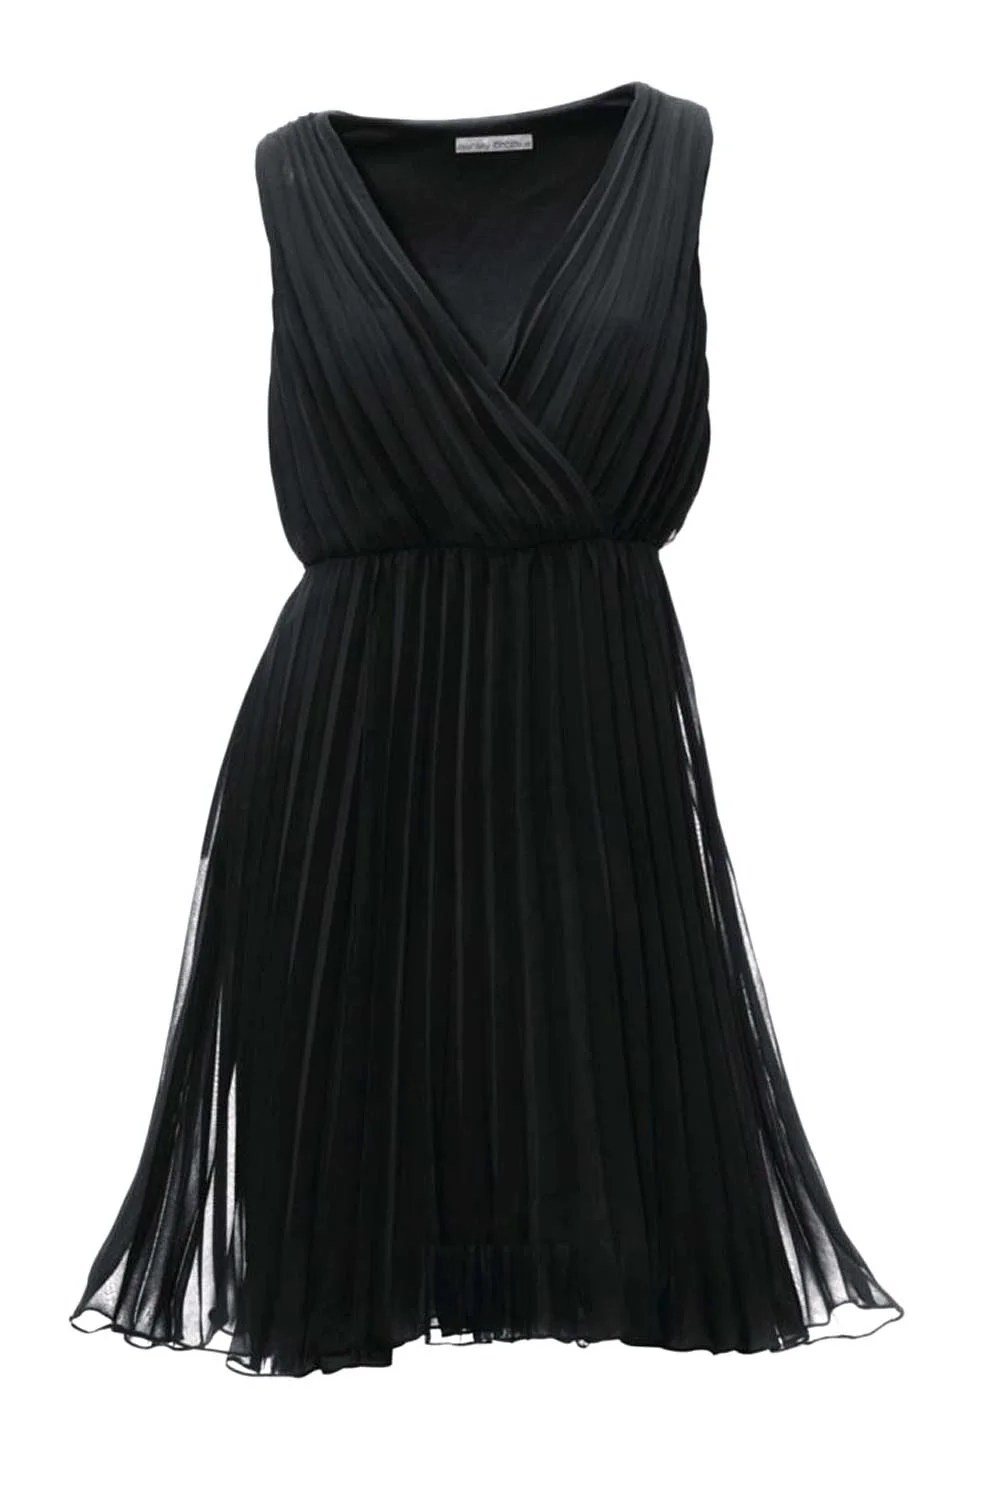 kurzes kleid für besondere anlässe Ashley Brooke Georgettekleid schwarz 023.650 Missforty